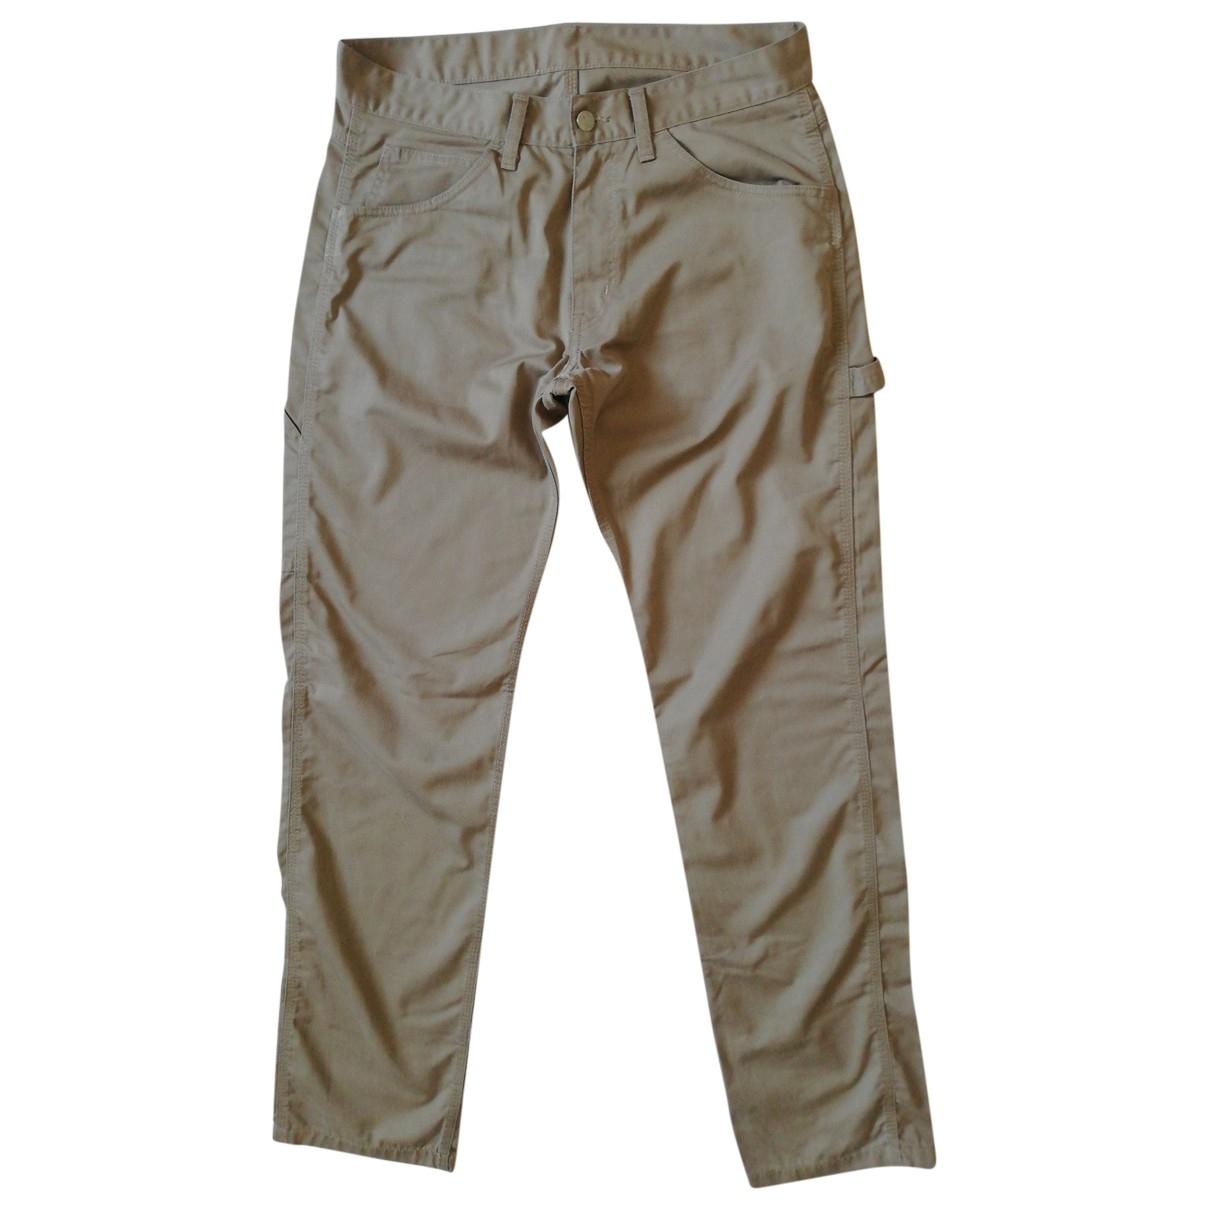 Pantalones en Algodon Carhartt